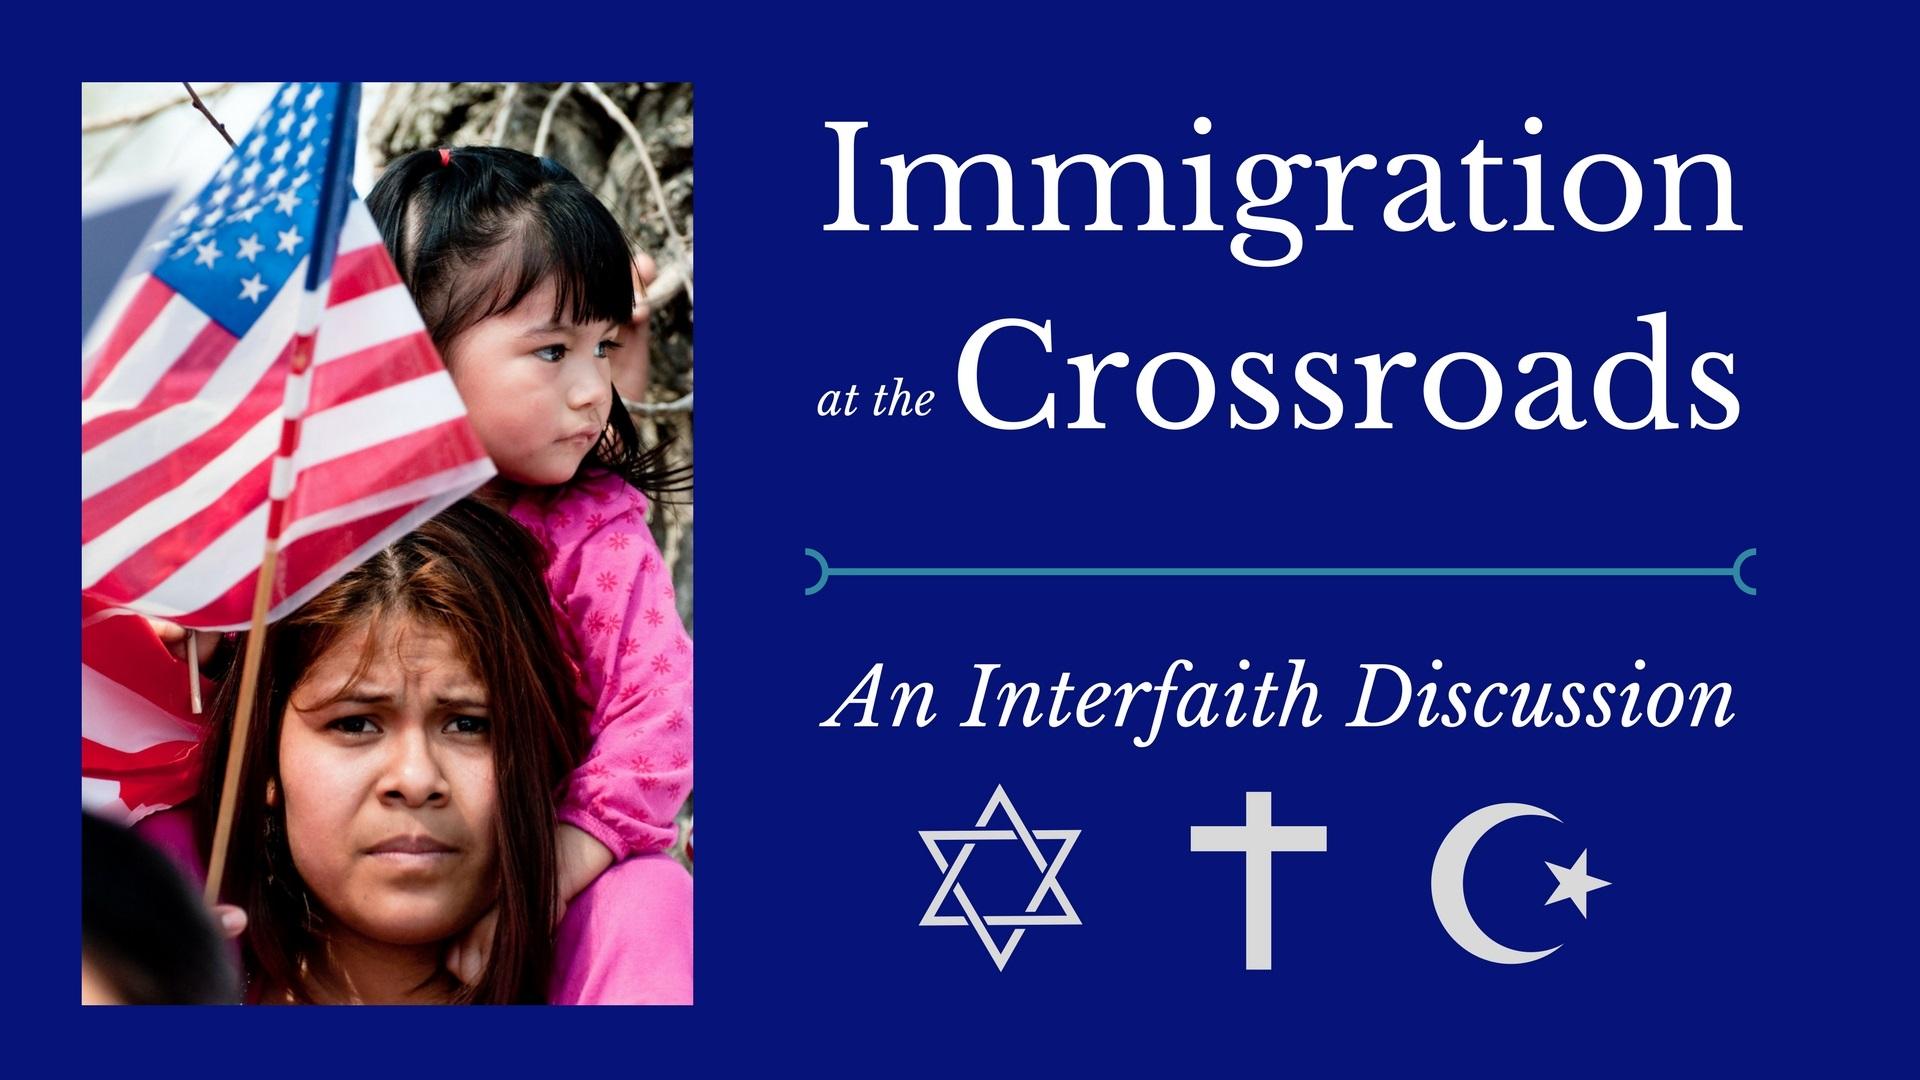 Immigration Design 2.jpg